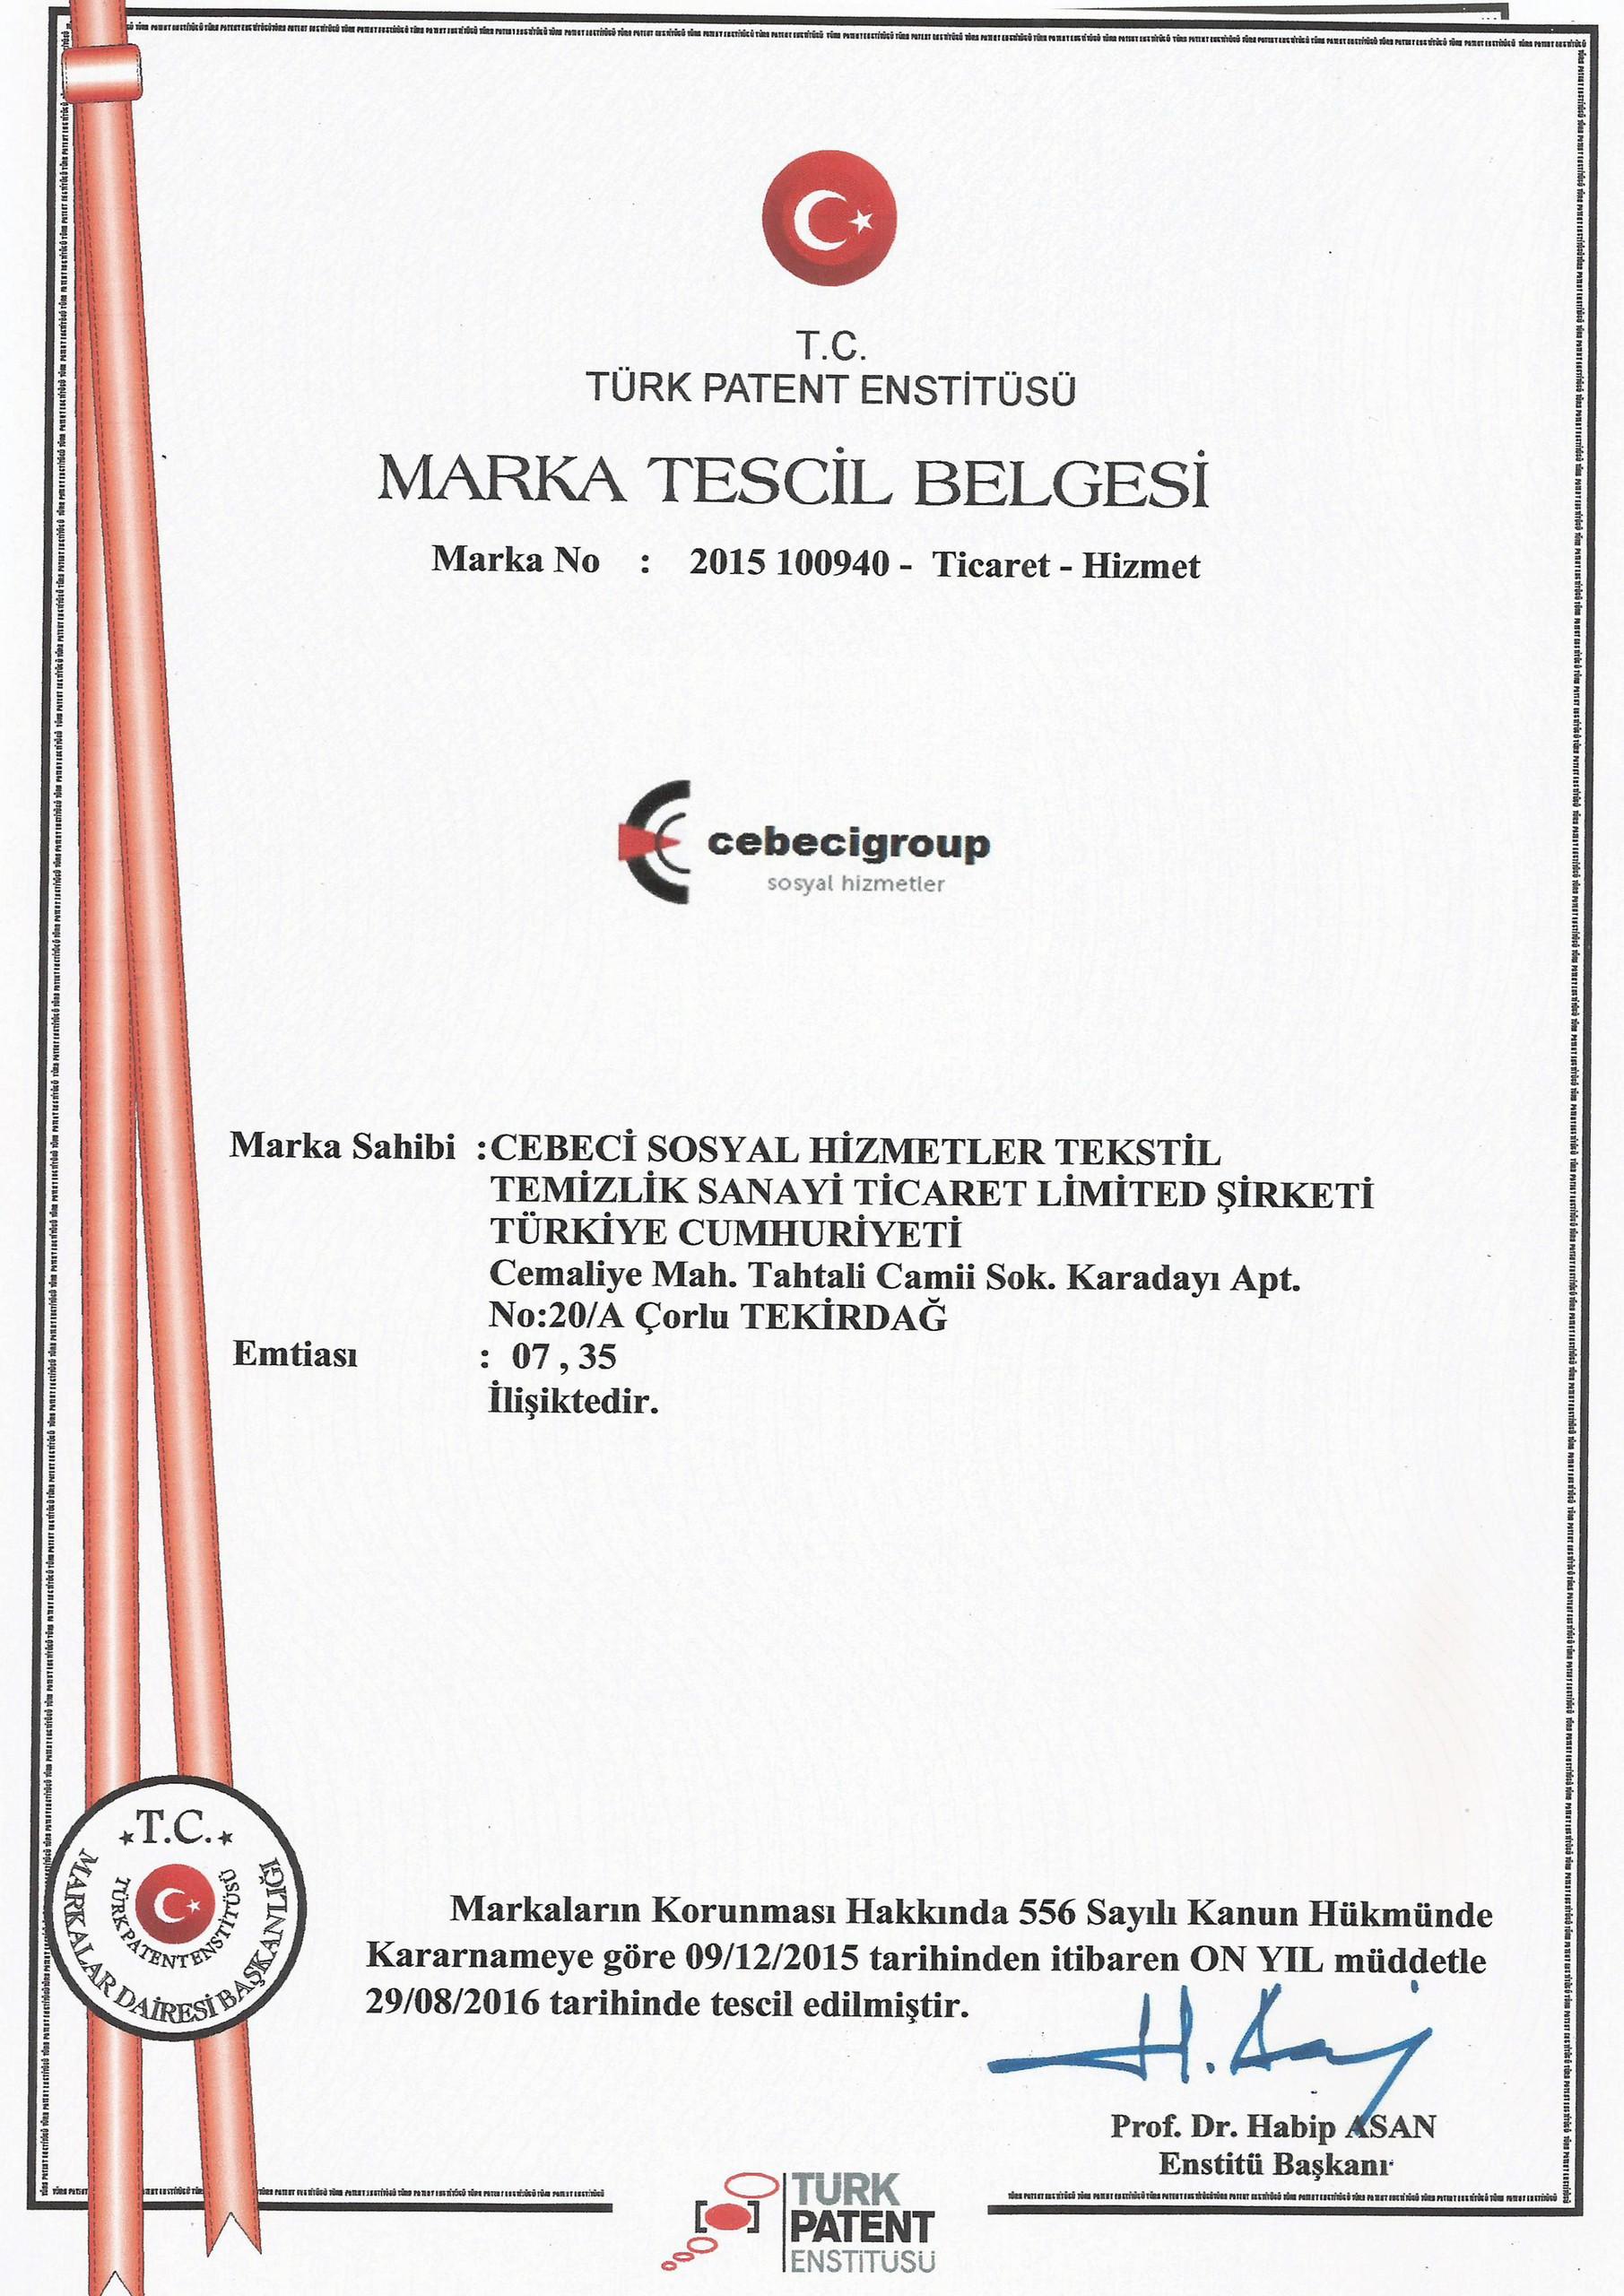 Marka Tescil Cebecigroup